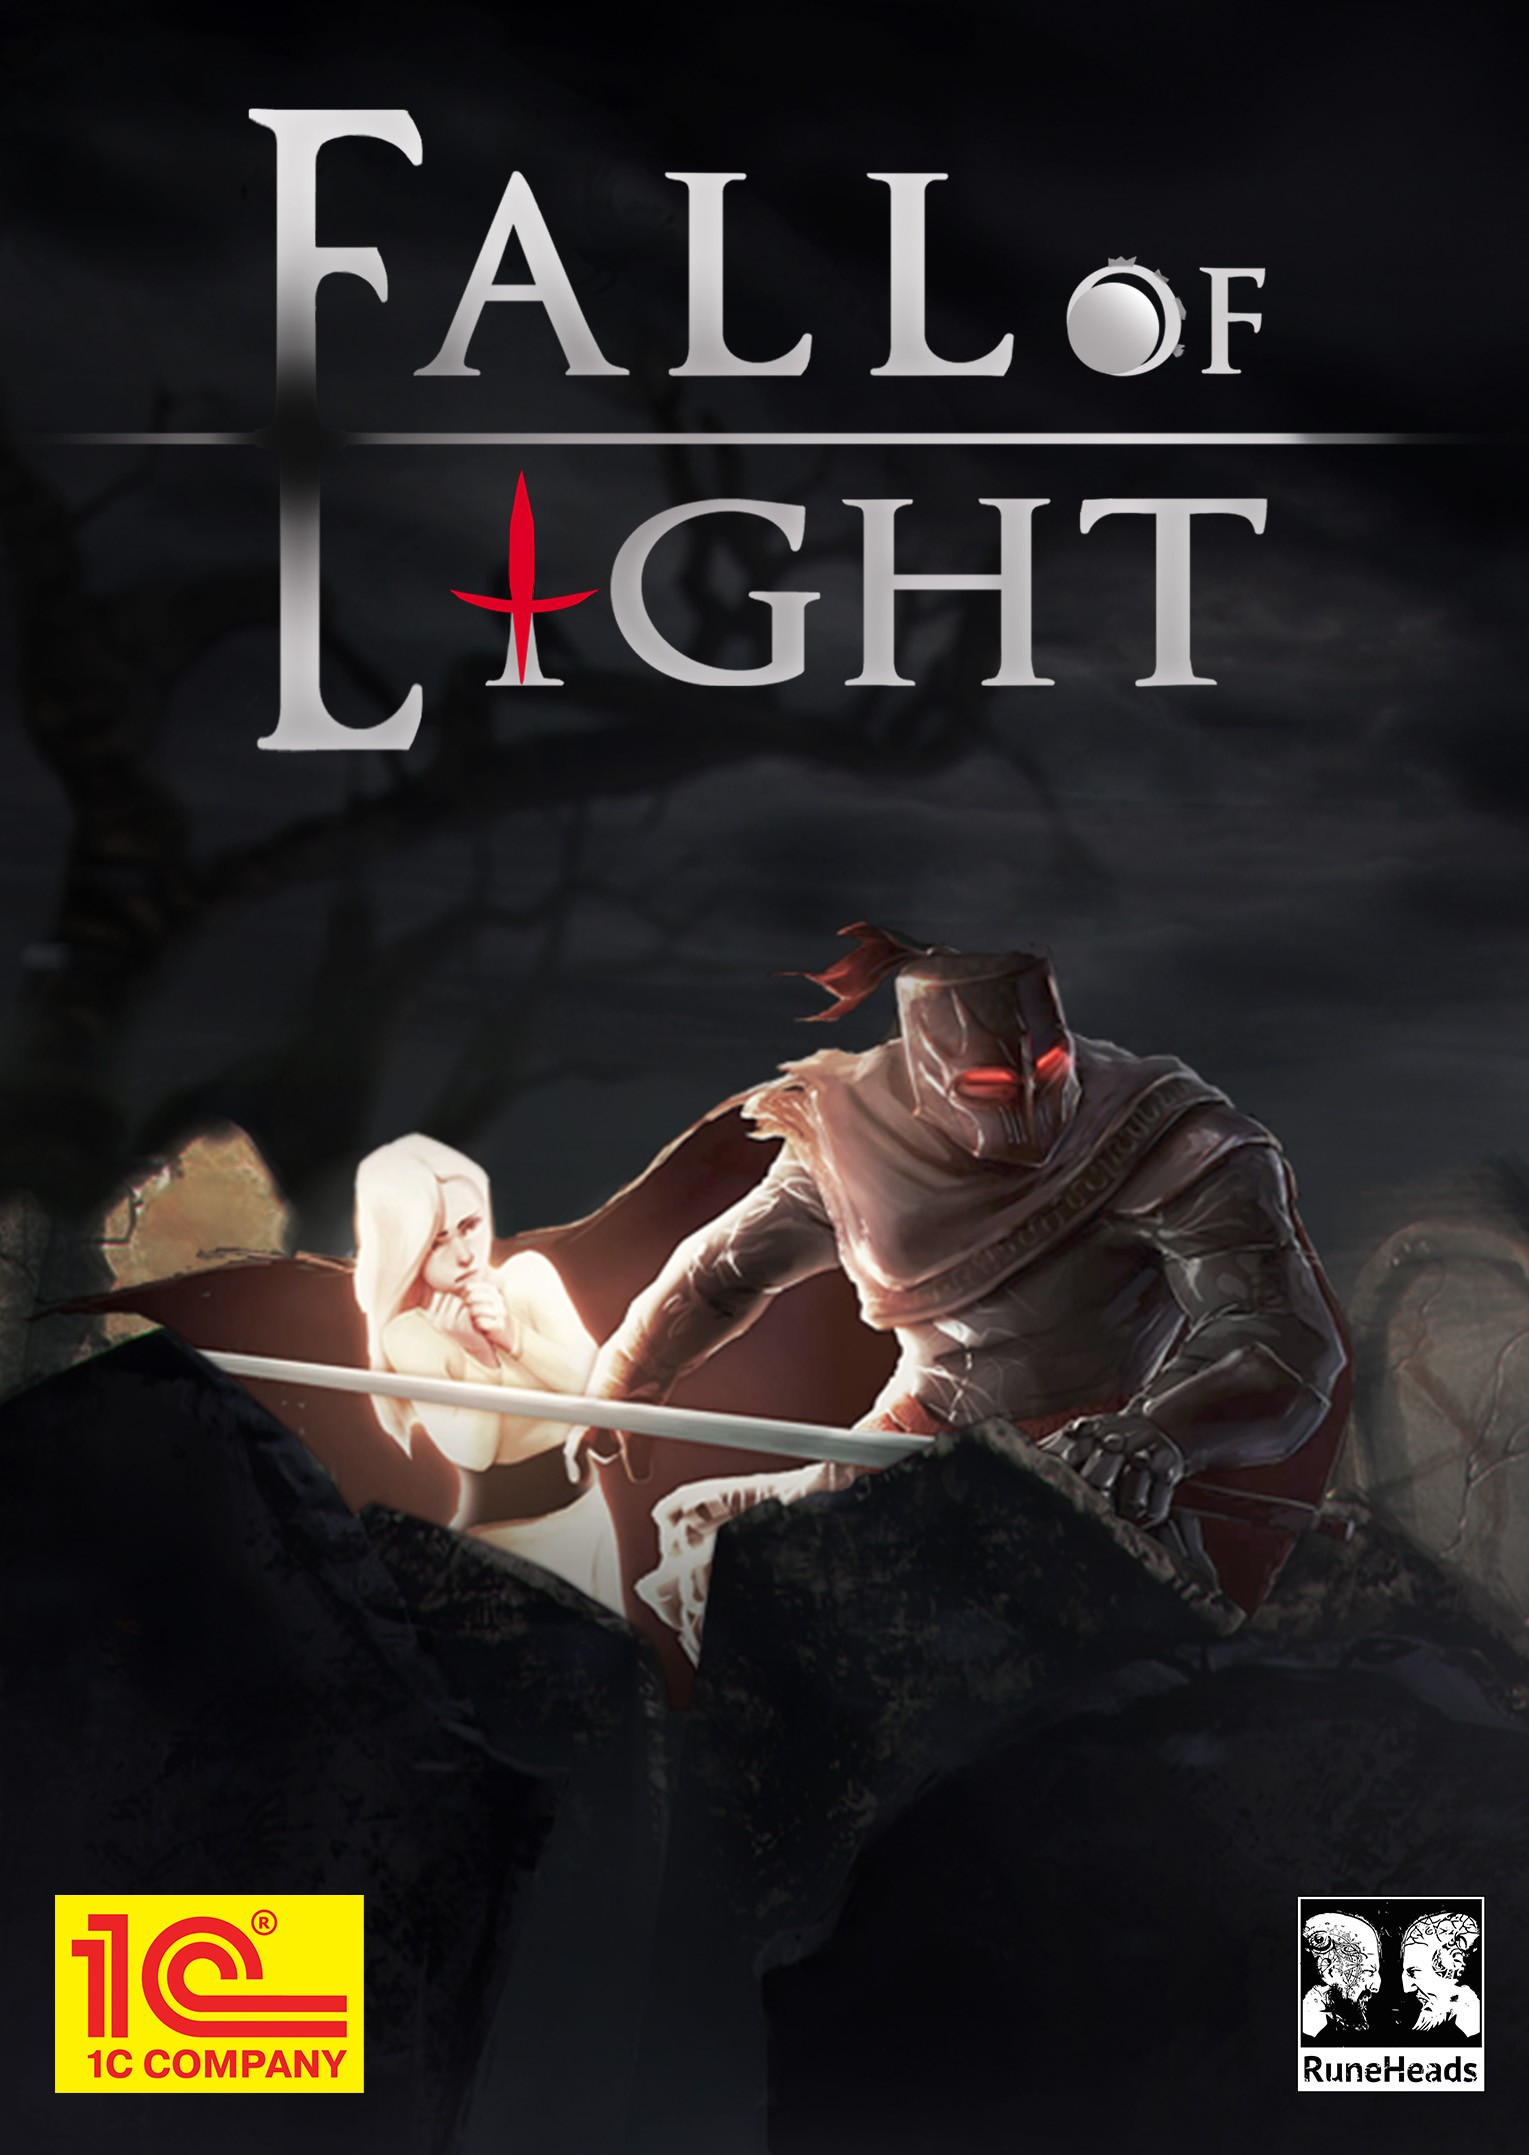 Fall of Light [PC, Цифровая версия] (Цифровая версия)Fall of Light переносит нас в мир тьмы, где главный герой, пожилой рыцарь, ведет свою дочь, чтобы показать ей последние остатки света. Только вместе они смогут победить исчадия тьмы, встающие у них на пути. Недостаток света и стилизованная графика подчёркивают мрачную атмосферу как надземного мира Fall of Light, так и подземного, где находится колыбель зла, угрожающая уничтожить всё живое.<br>